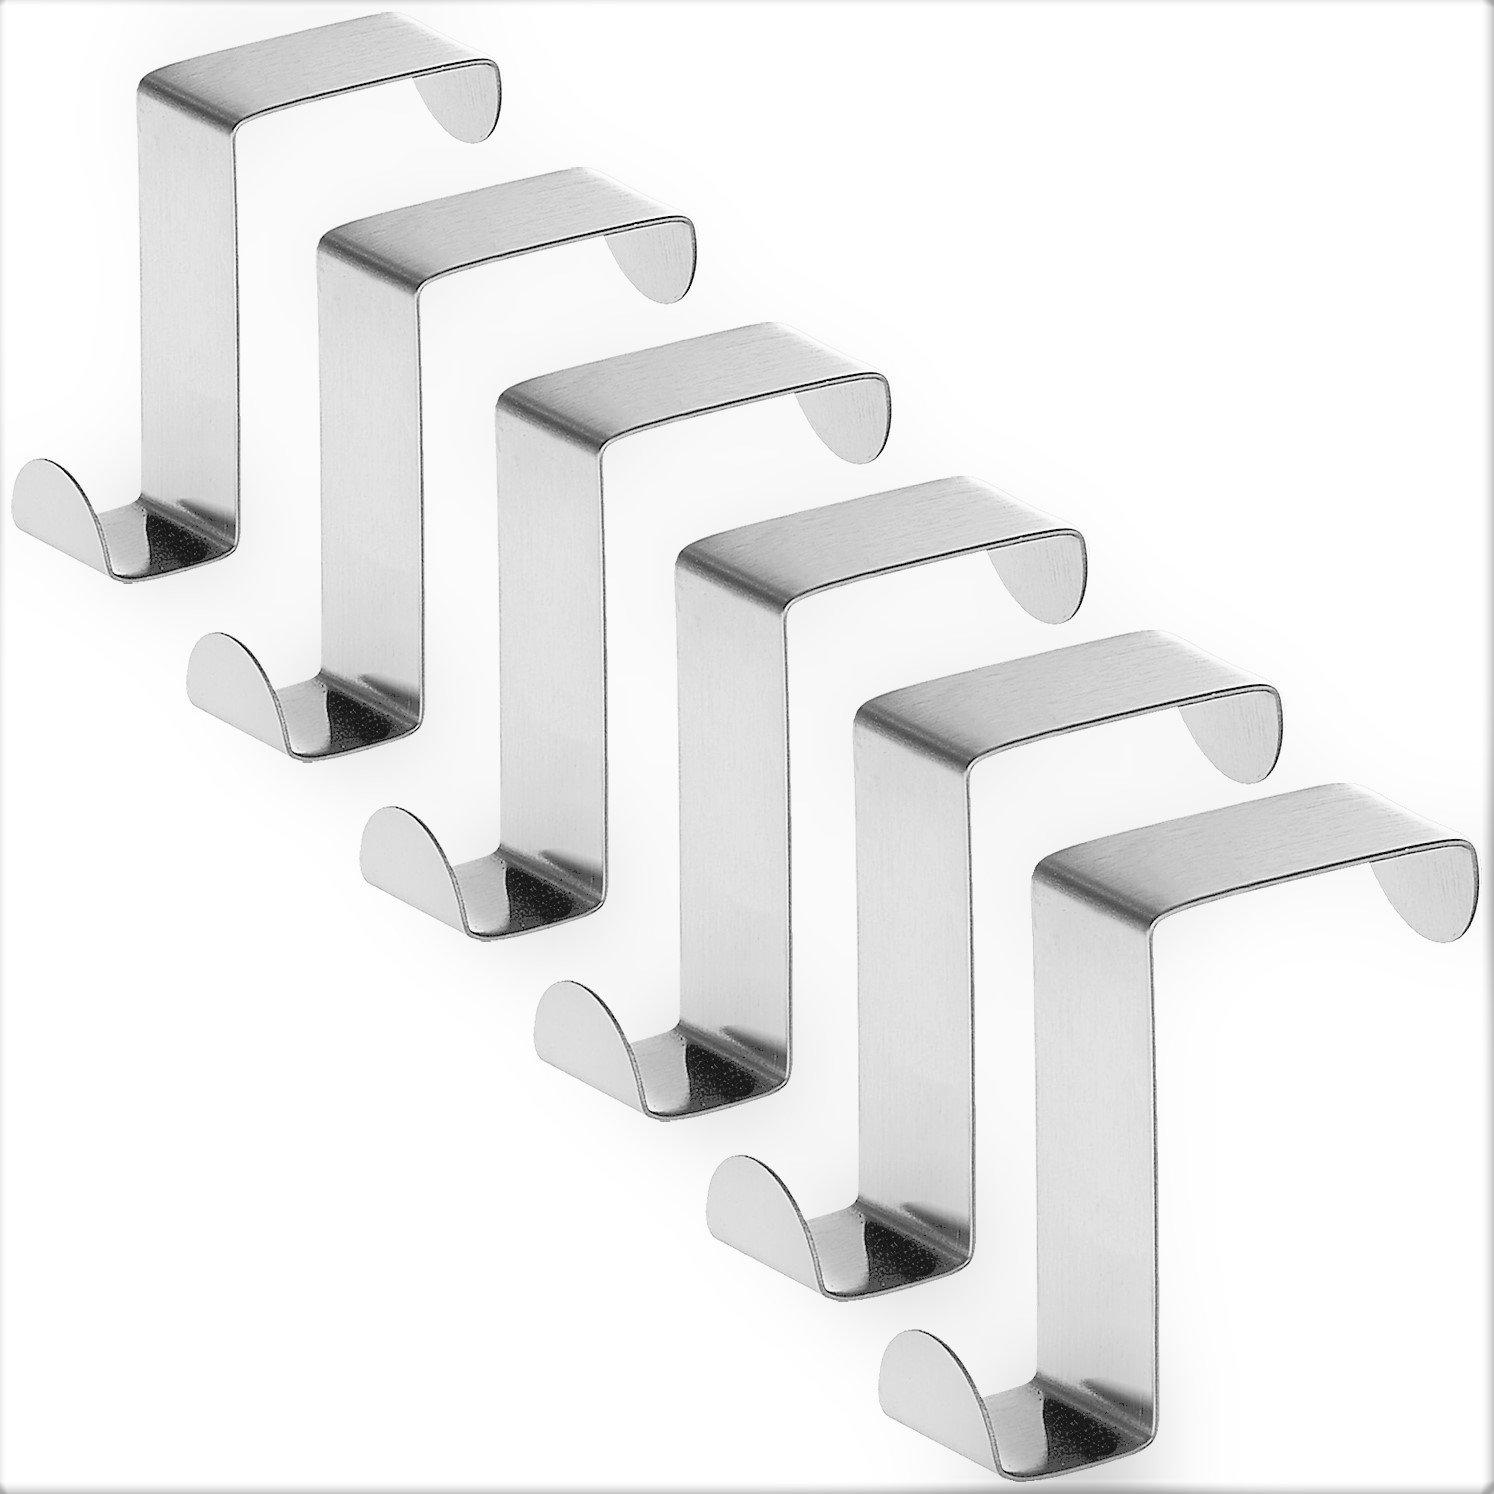 Tatkraft Seger Set of 6 Over the Door Hooks, Reversible Z Hooks for Over the Door or Cupboard Door, Towel Holders, Hold up to 11Lbs (5 kg), Stainless Steel